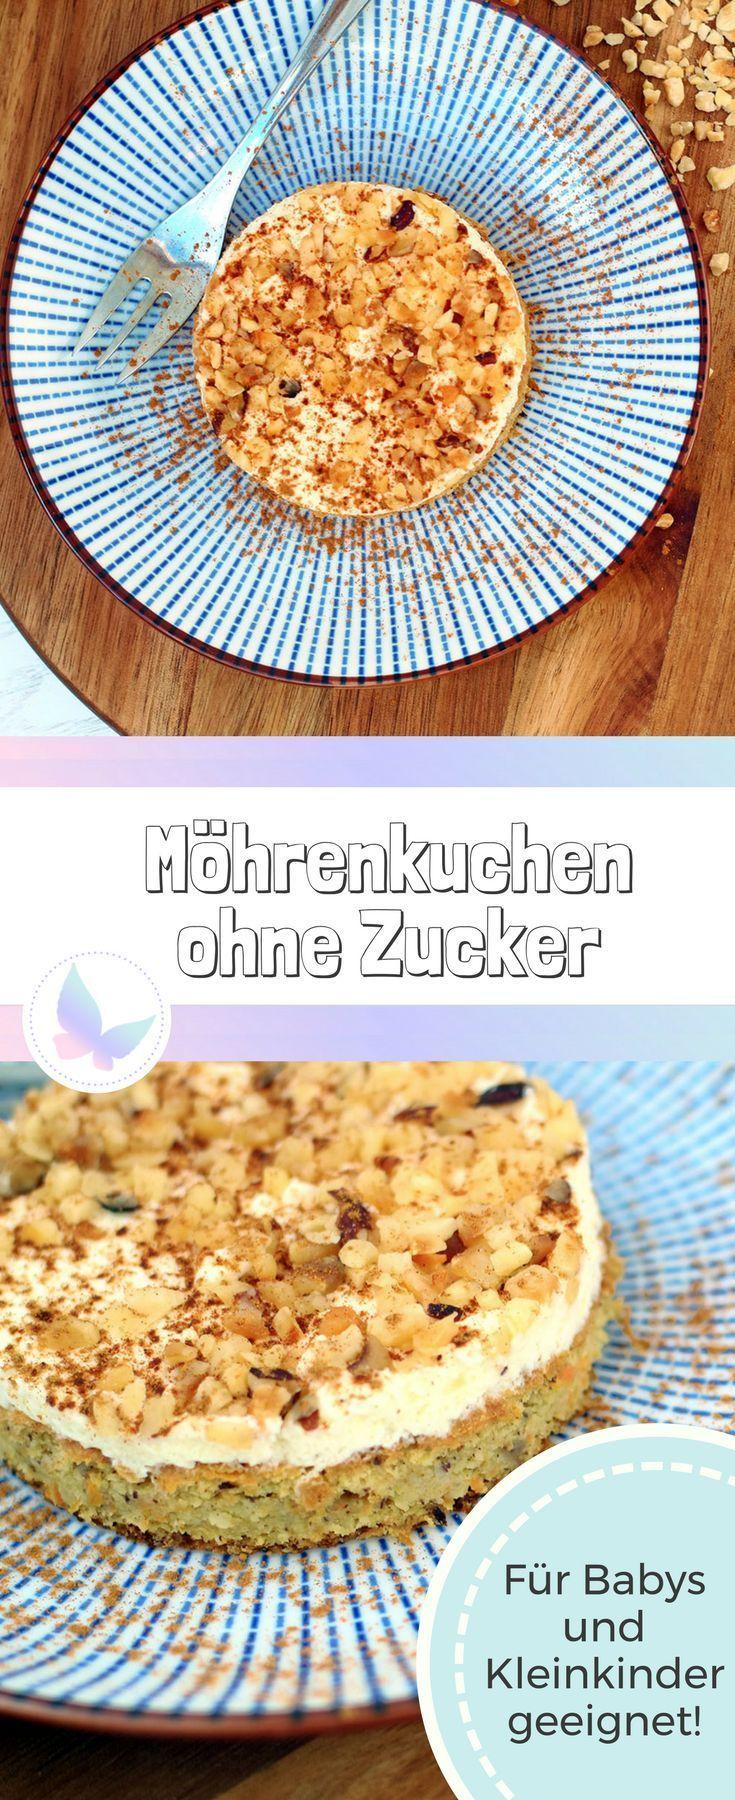 Möhrenkuchen ohne Zucker: Nicht nur zu Ostern lecker!